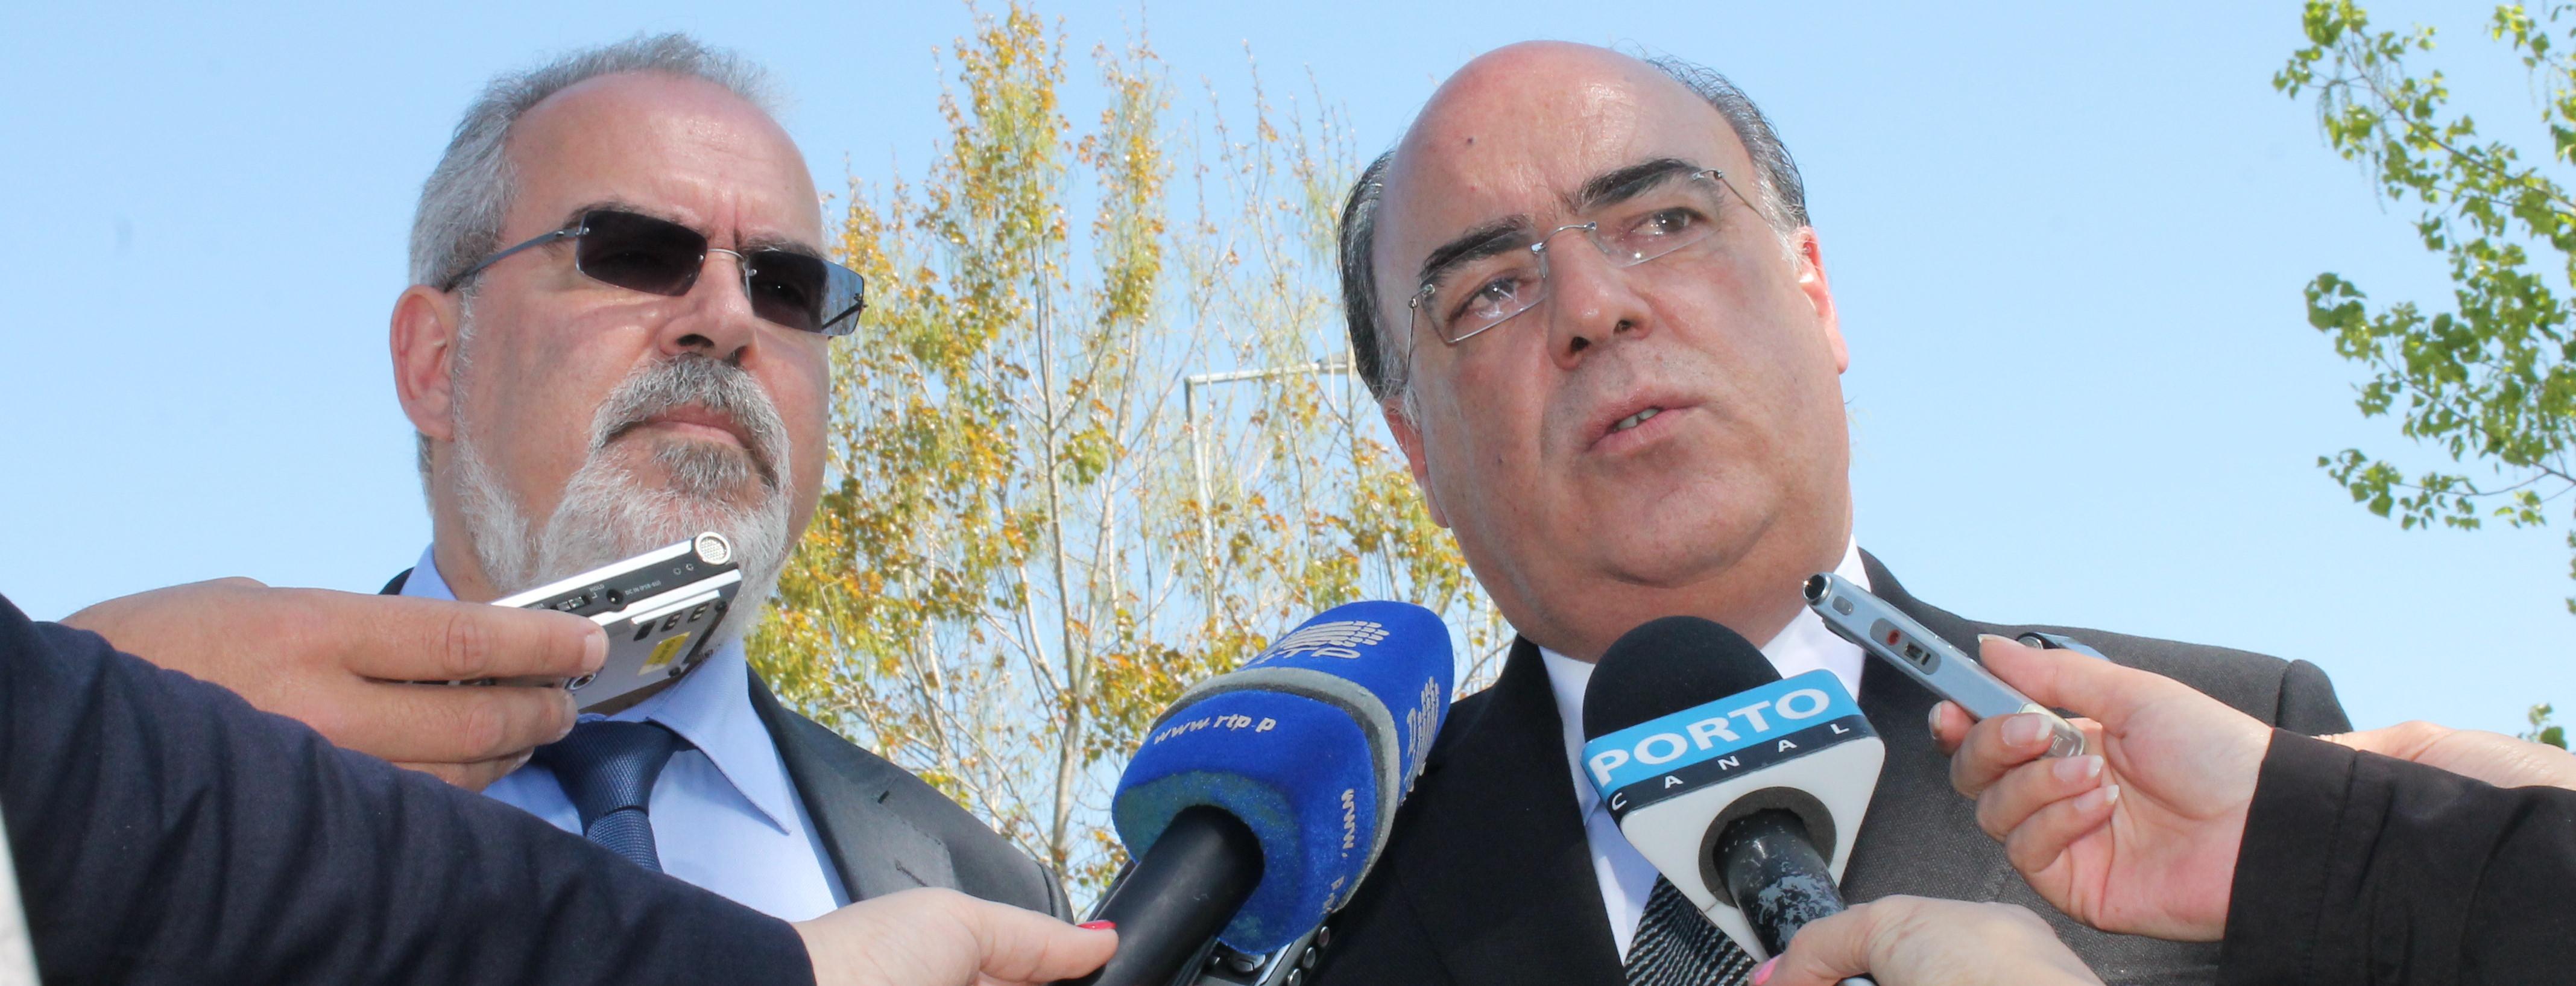 Municípios abandonam administração da Resulima